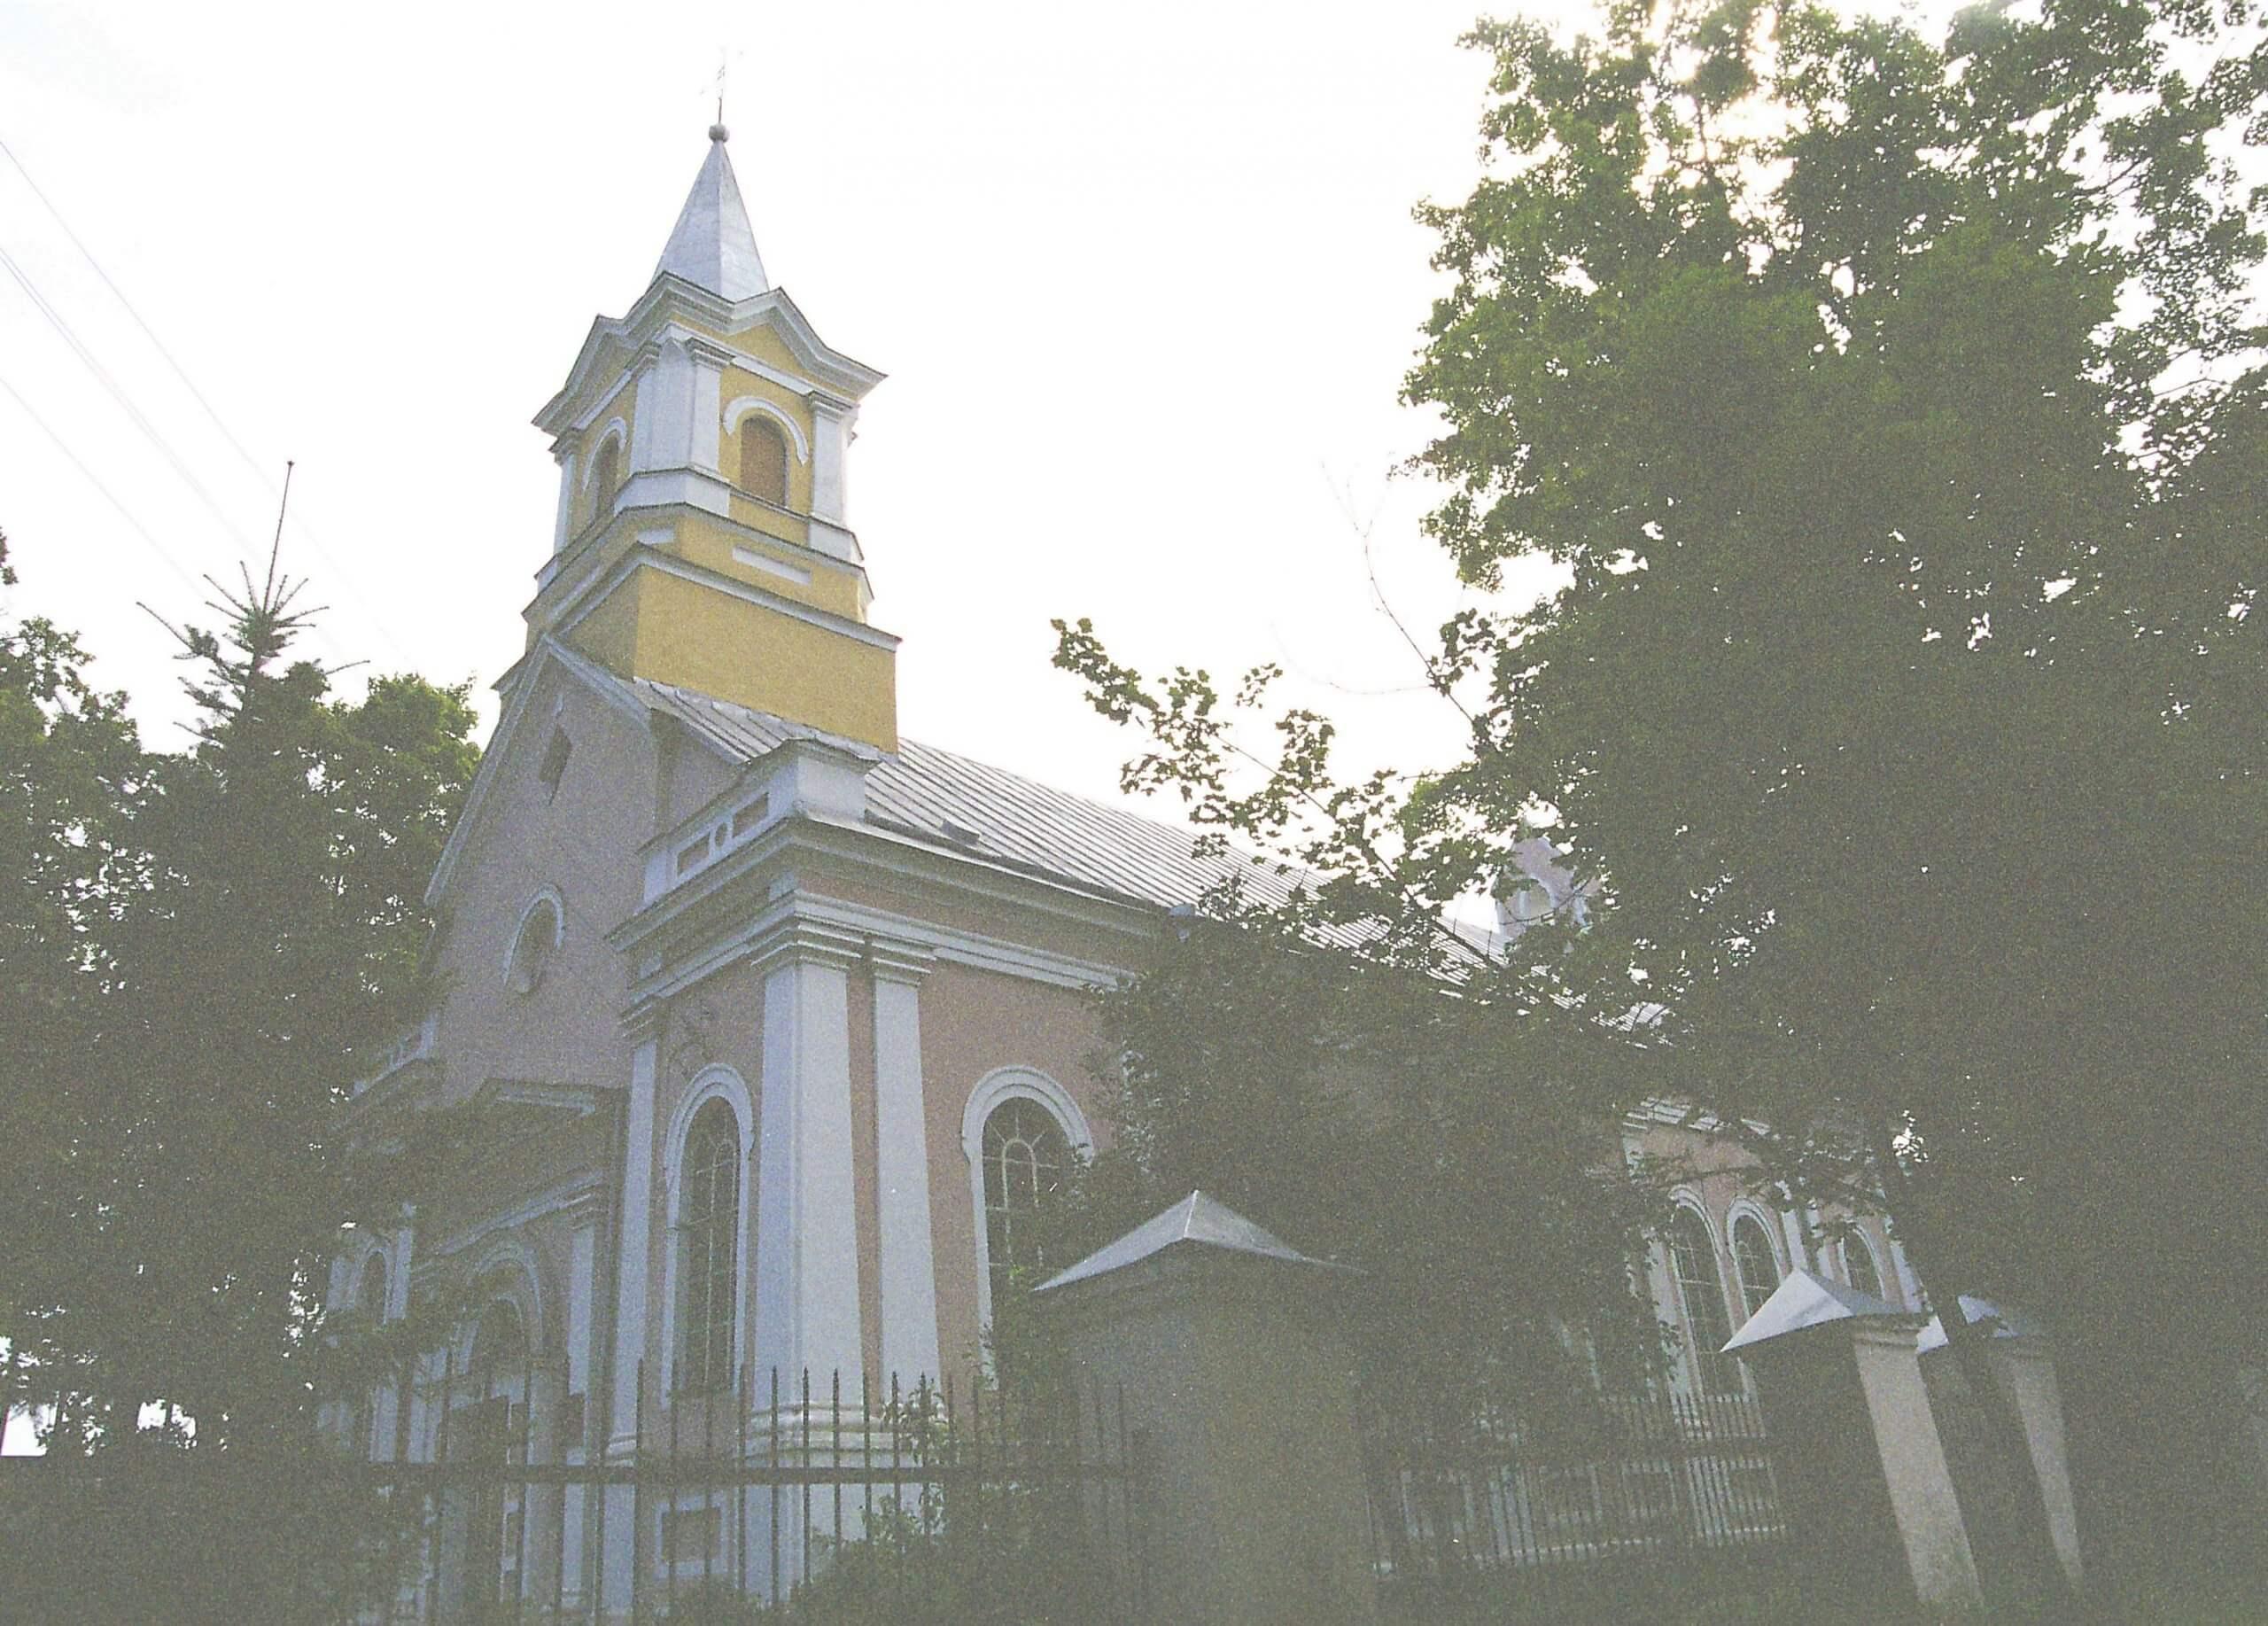 Jėkabpilio Švč. Mergelės Marijos Gimimo bažnyčia (Latvija)